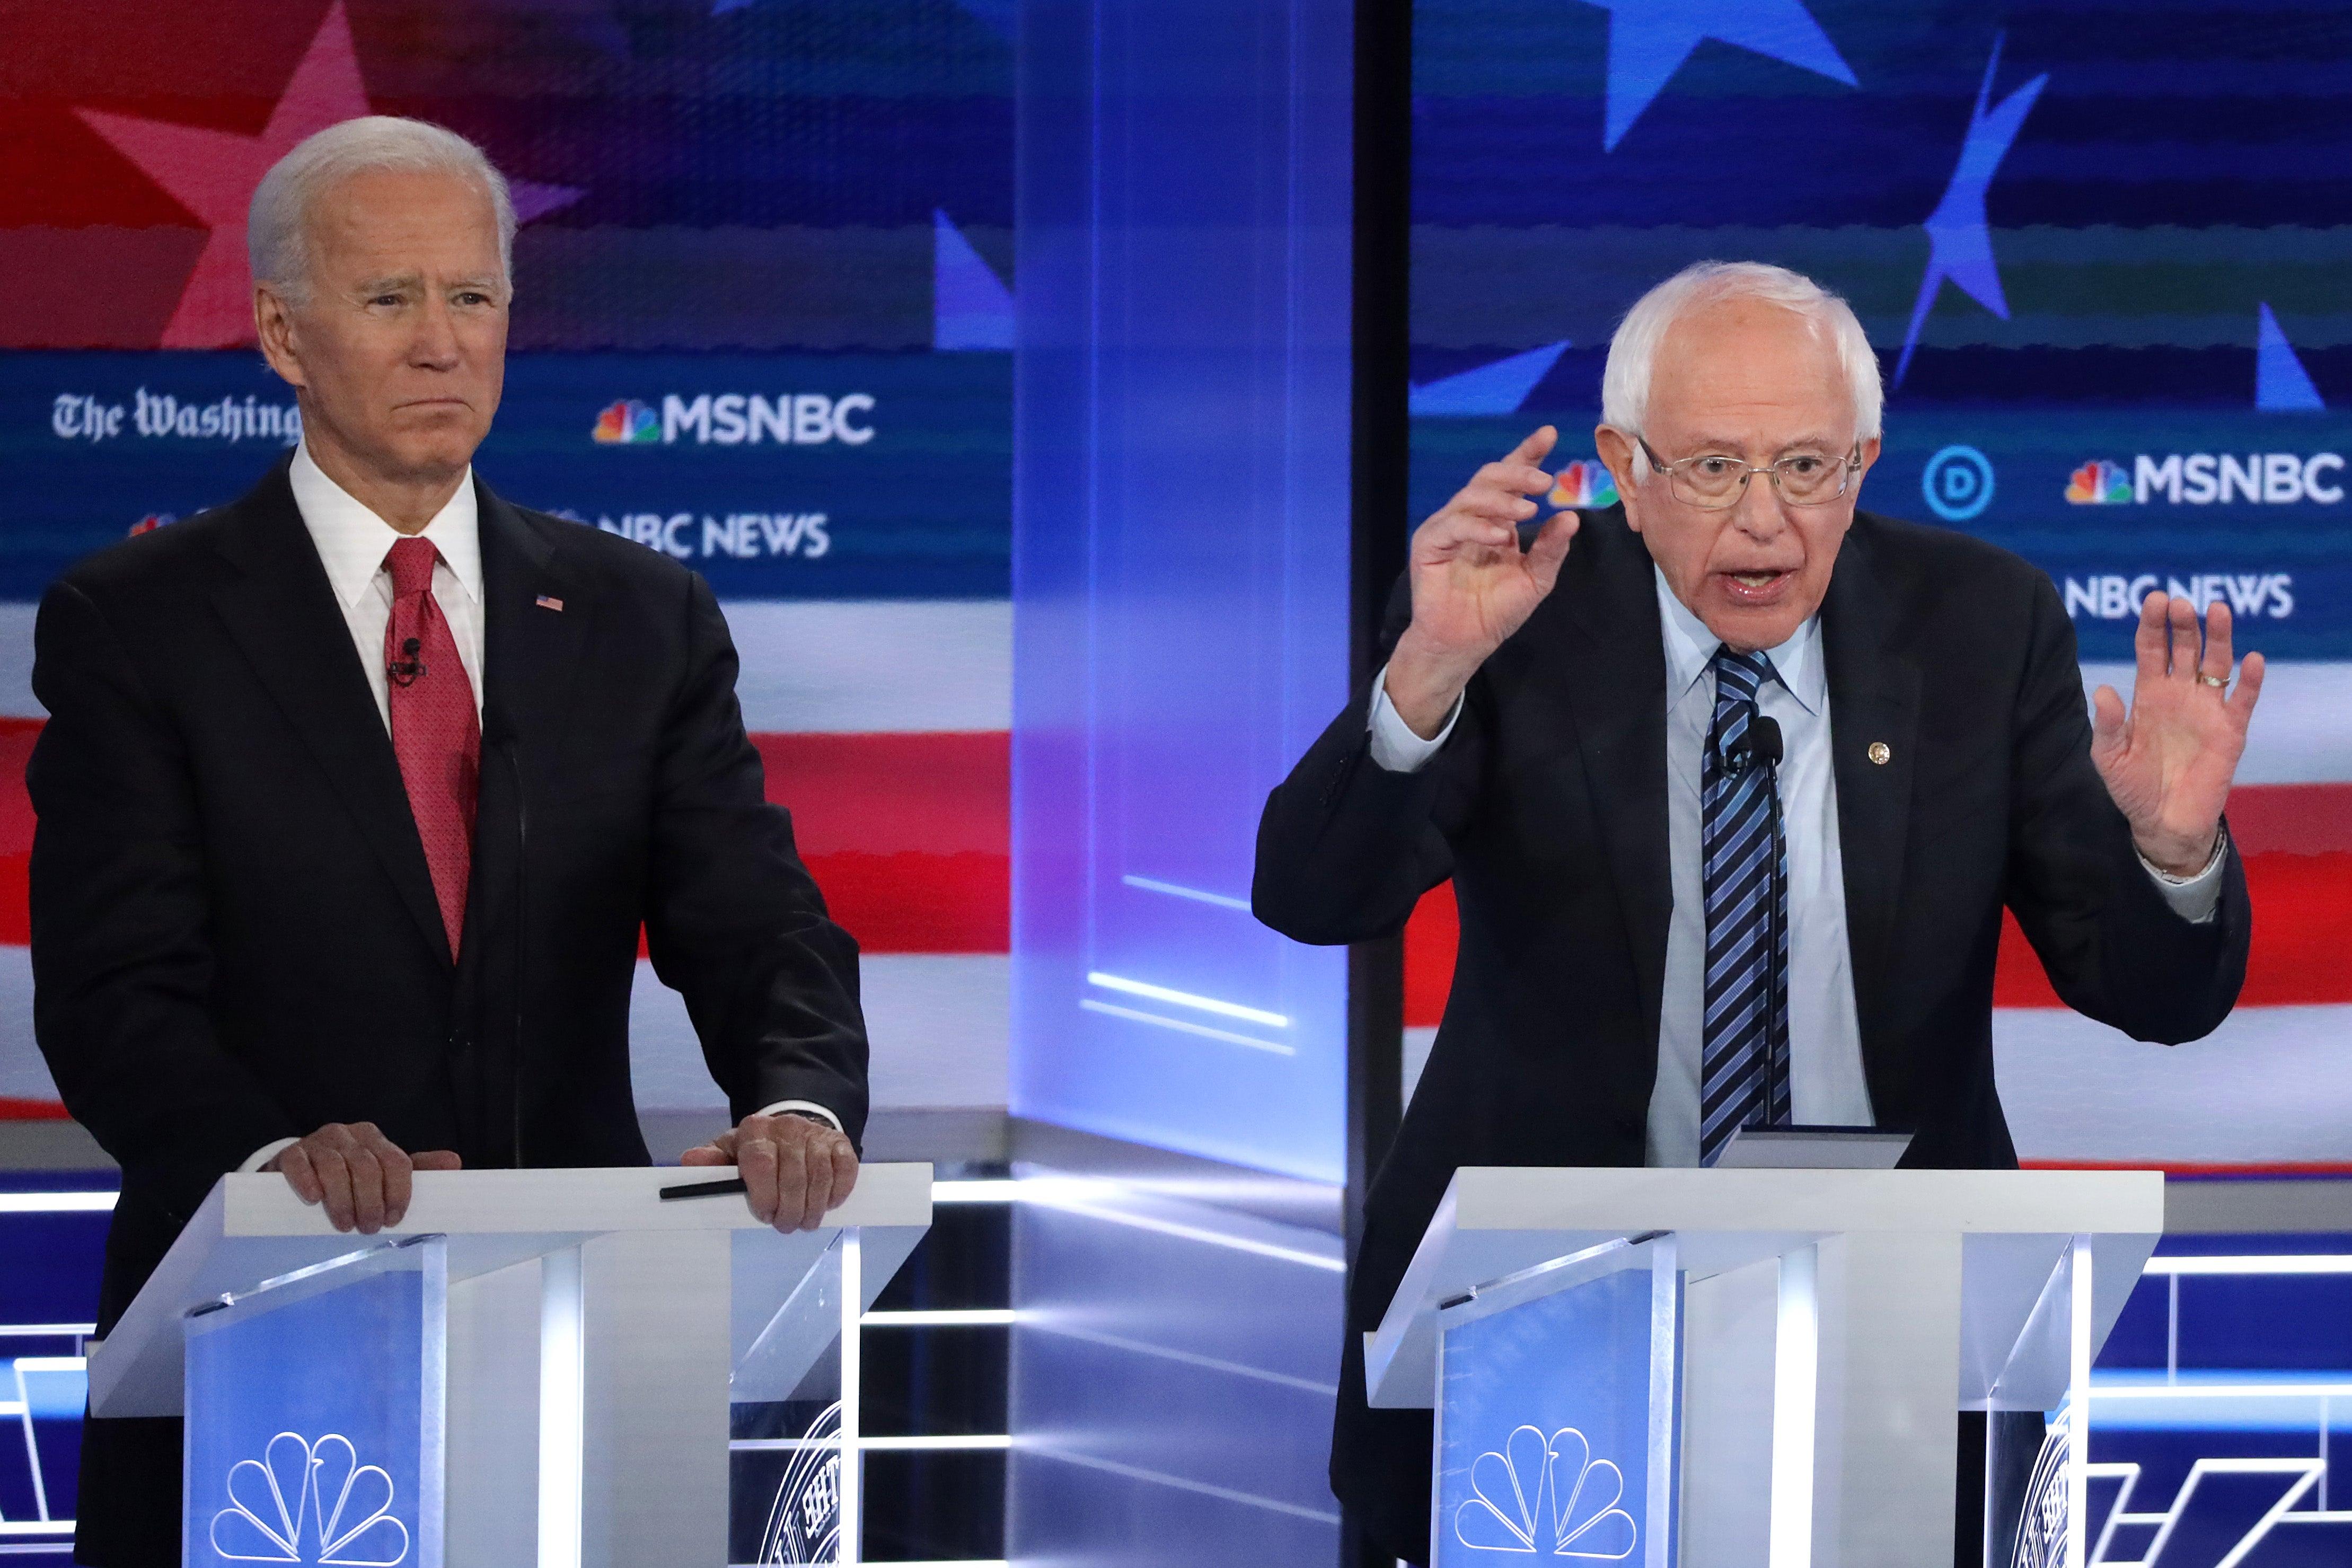 Joe Biden and Bernie Sanders discussing pressing matters like Social Security at November debate